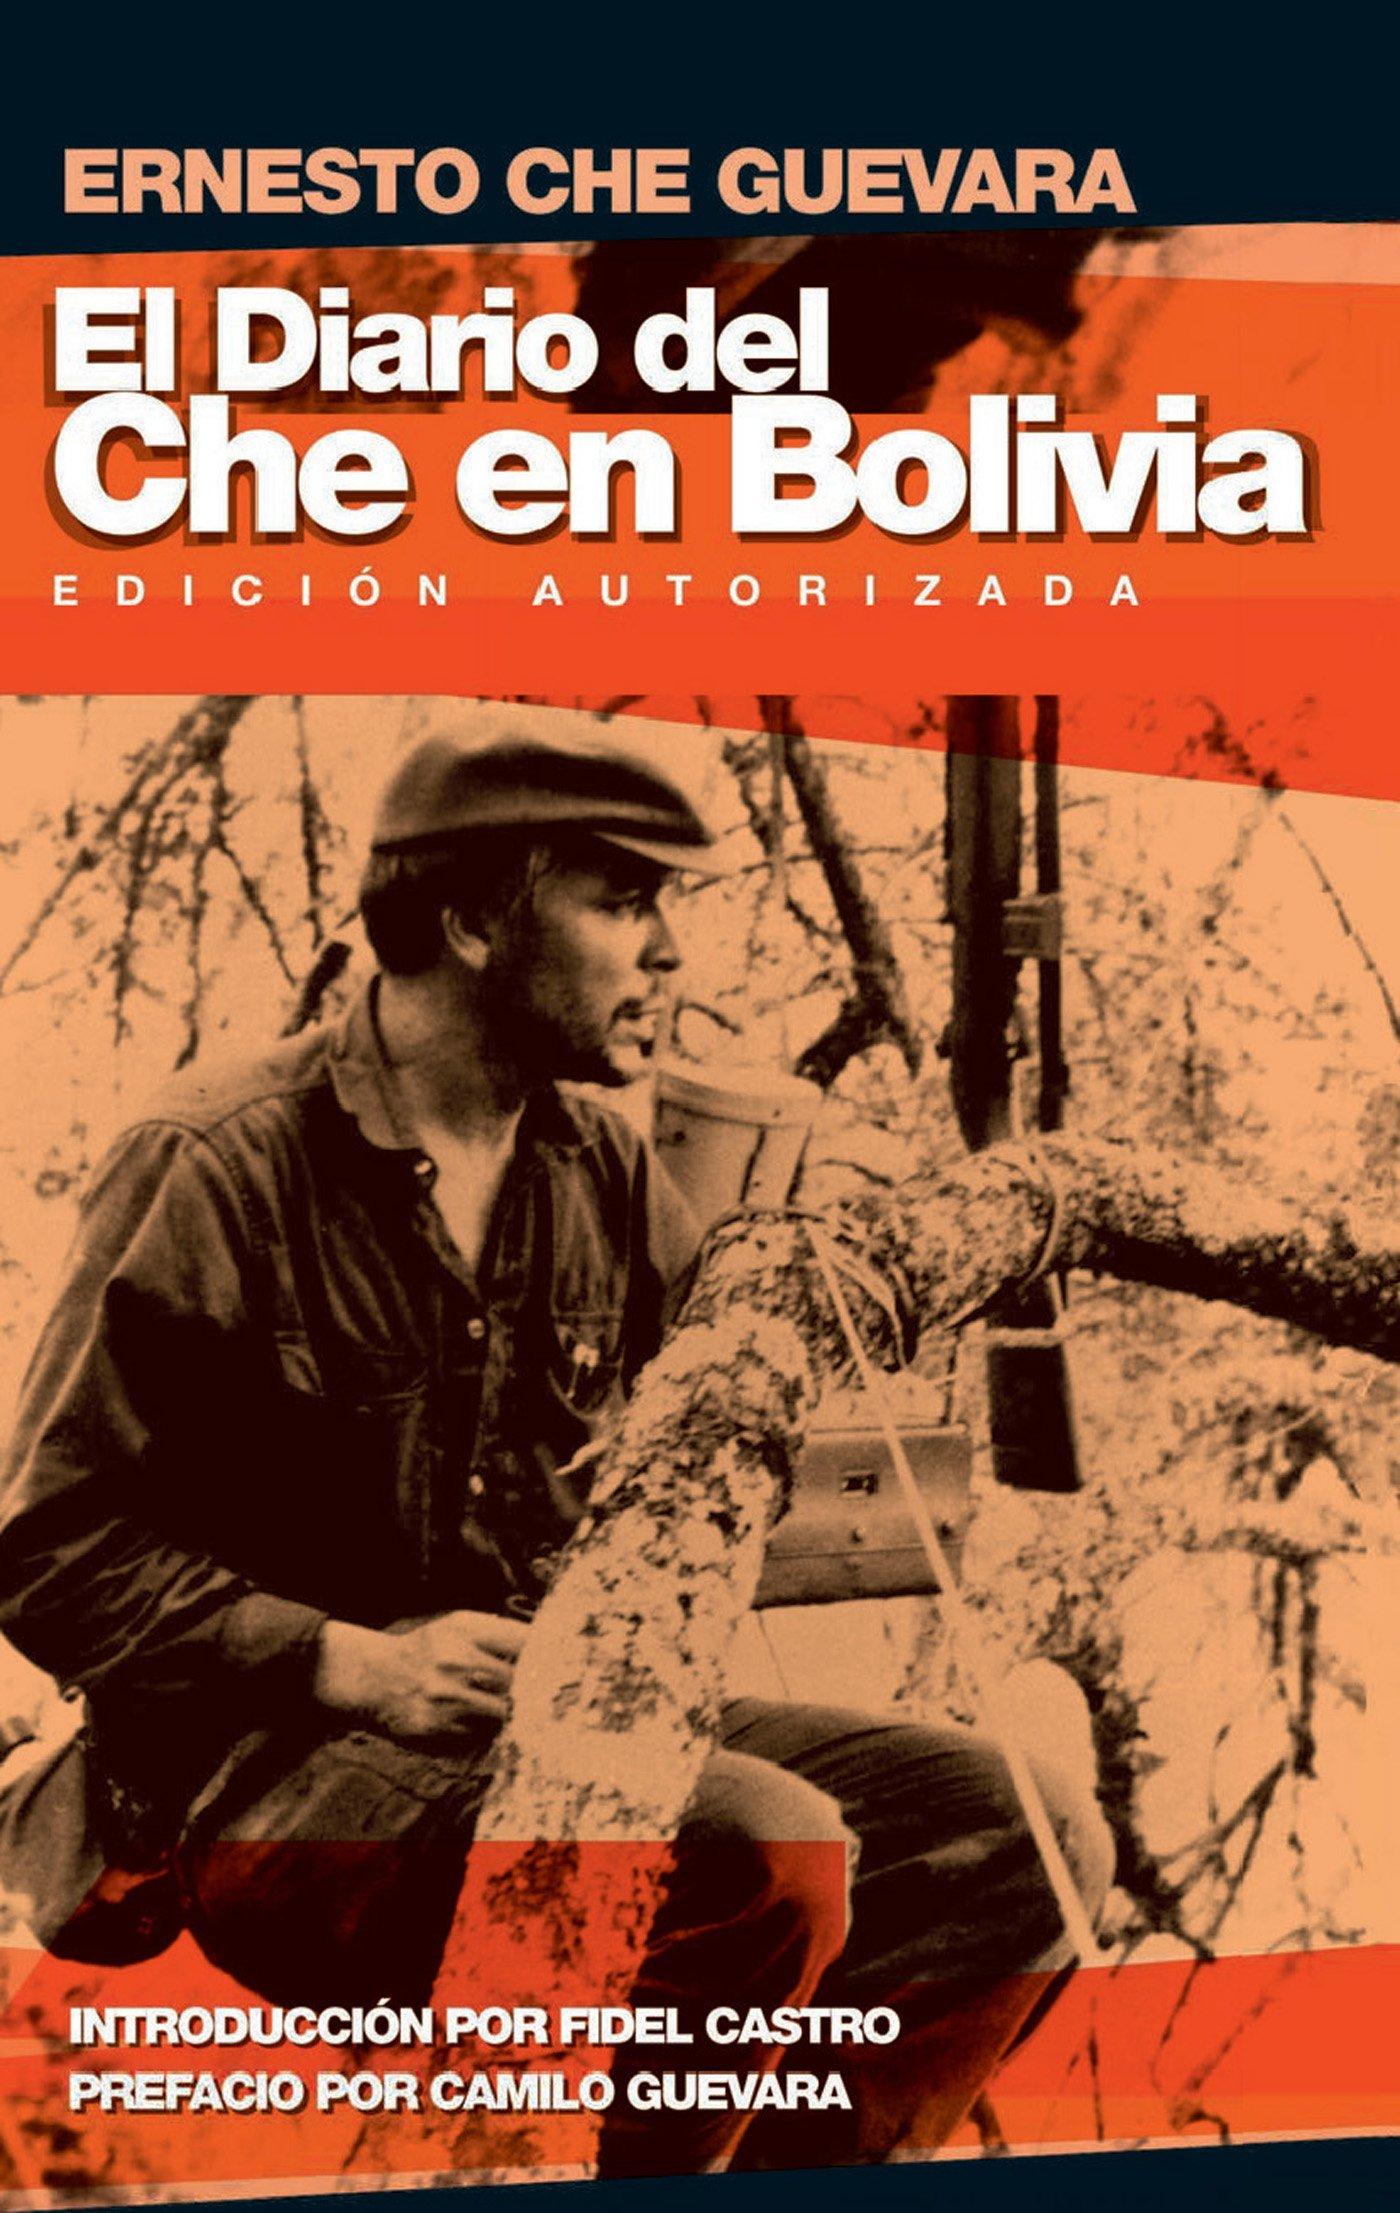 El Diario del Che En Bolivia Che Guevara Publishing Project: Amazon.es: Ernesto Che Guevara, Camilo Guevara, Fidel Castro: Libros